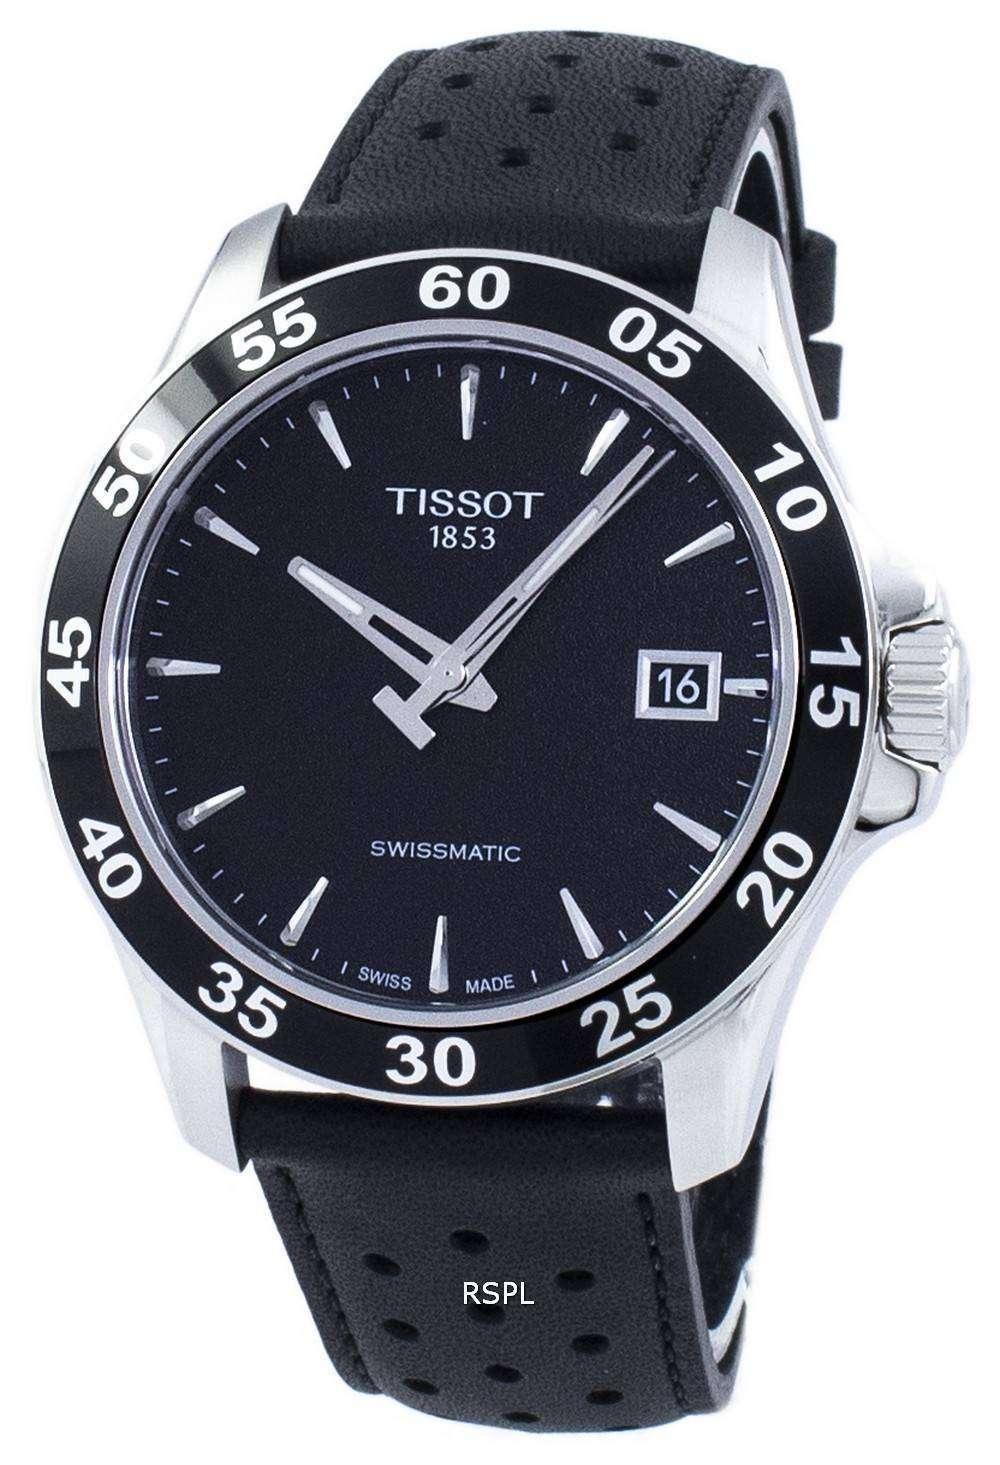 ティソ T-スポーツ V8 Swissmatic 自動 T106.407.16.051.00 T1064071605100 メンズ腕時計